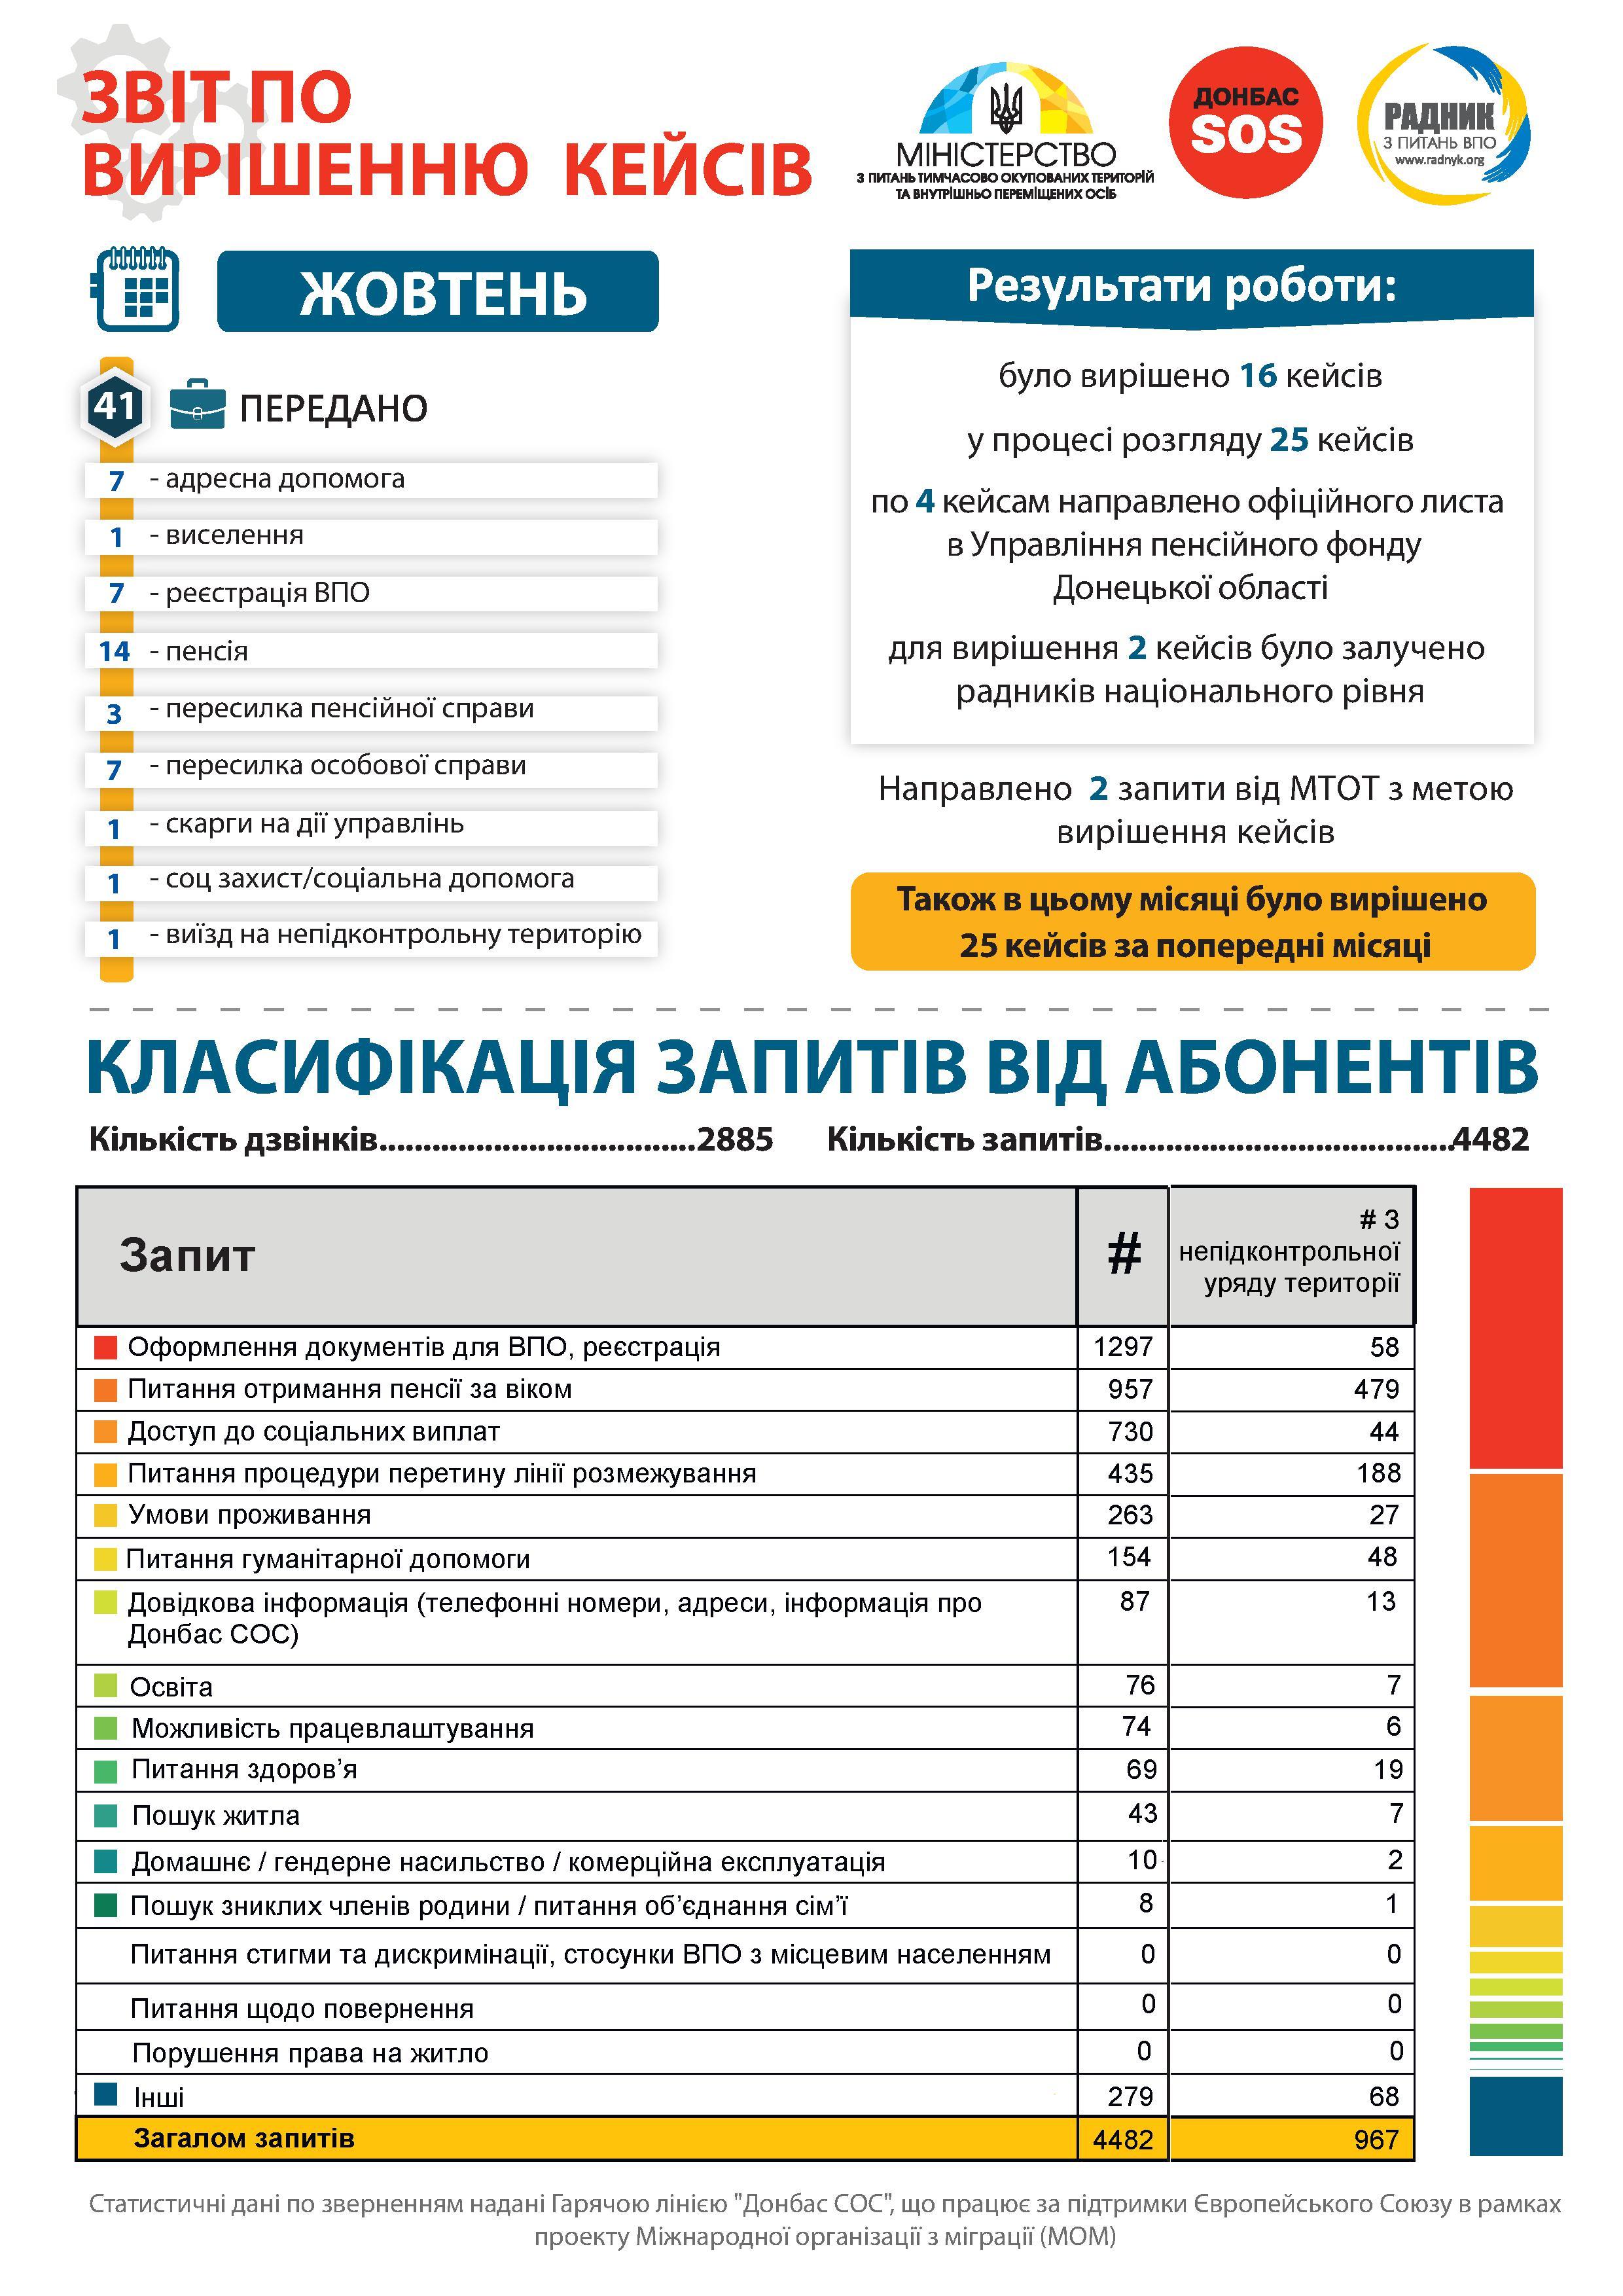 інфографіка жовтень 1